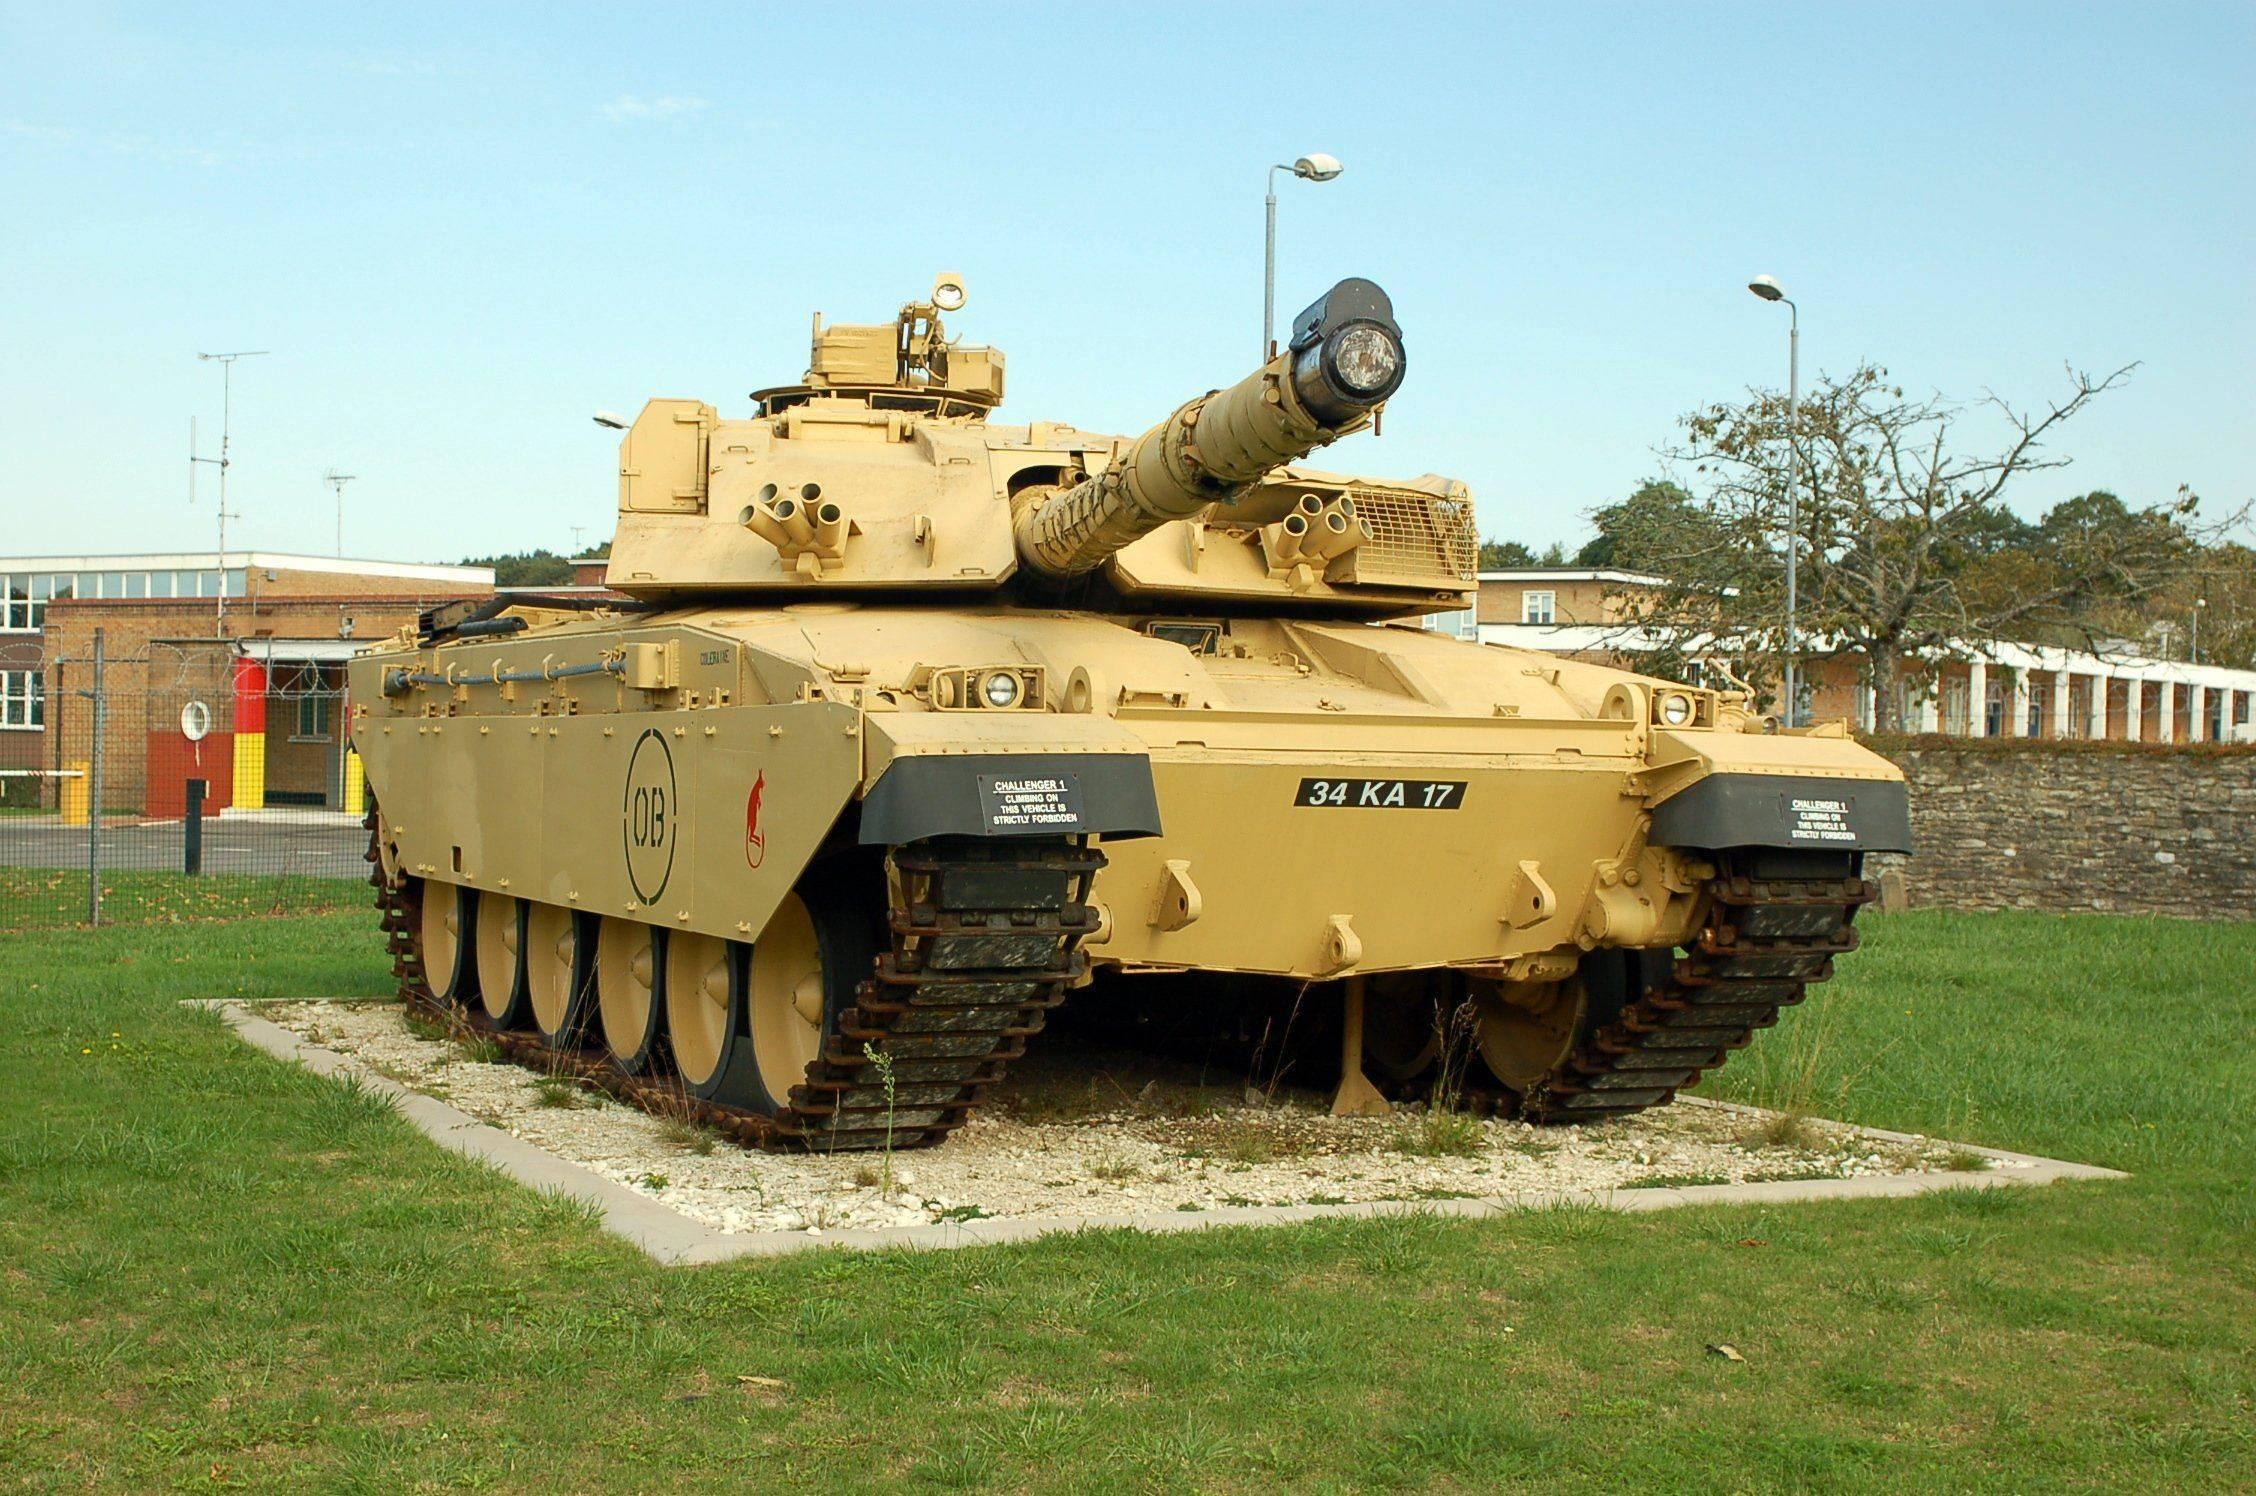 Челленджер (танк)